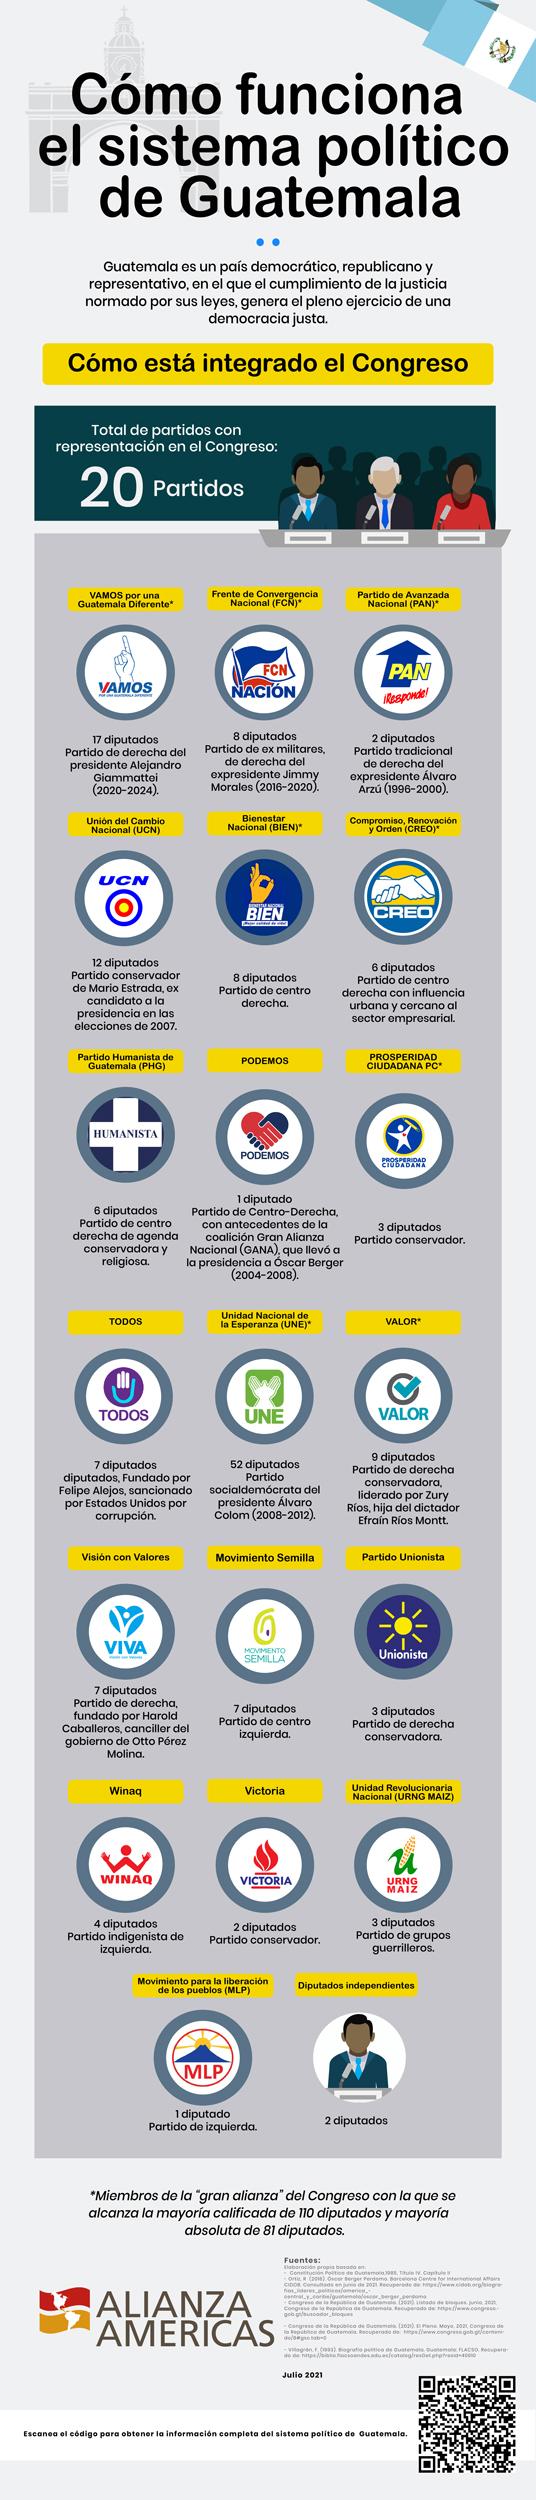 Guatemala-2-Como-esta-integrado-el-Congreso